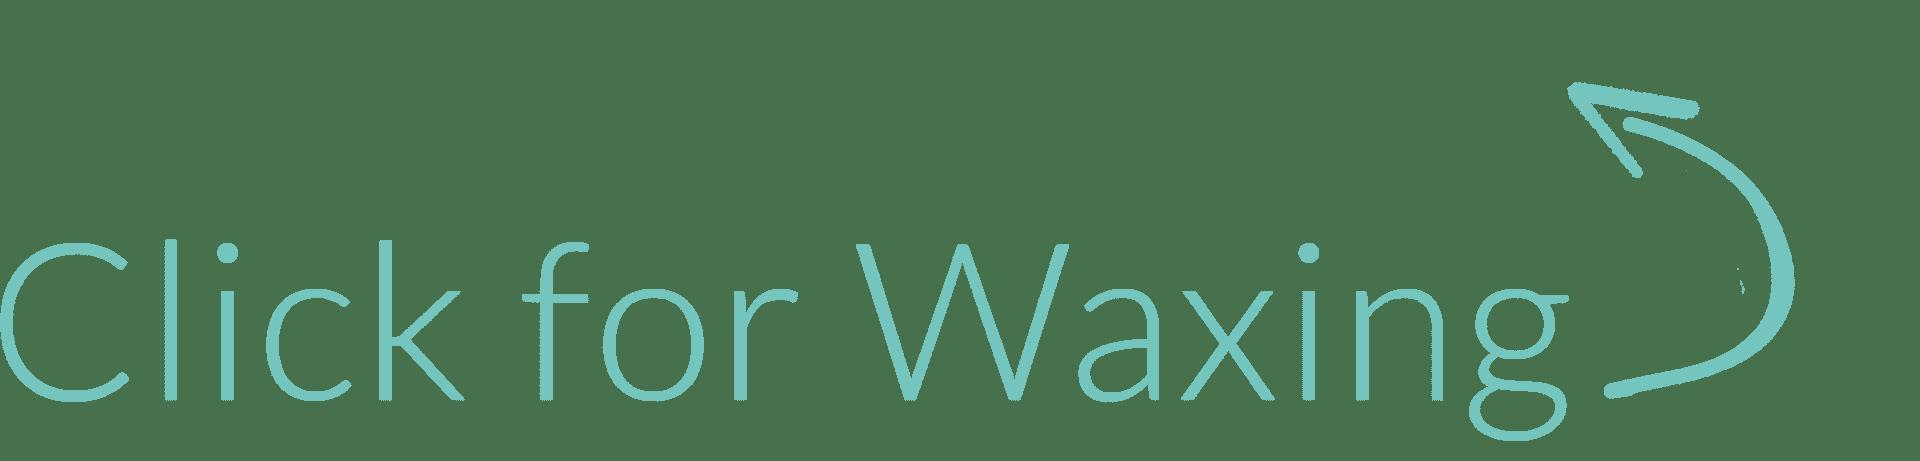 arrowwax2